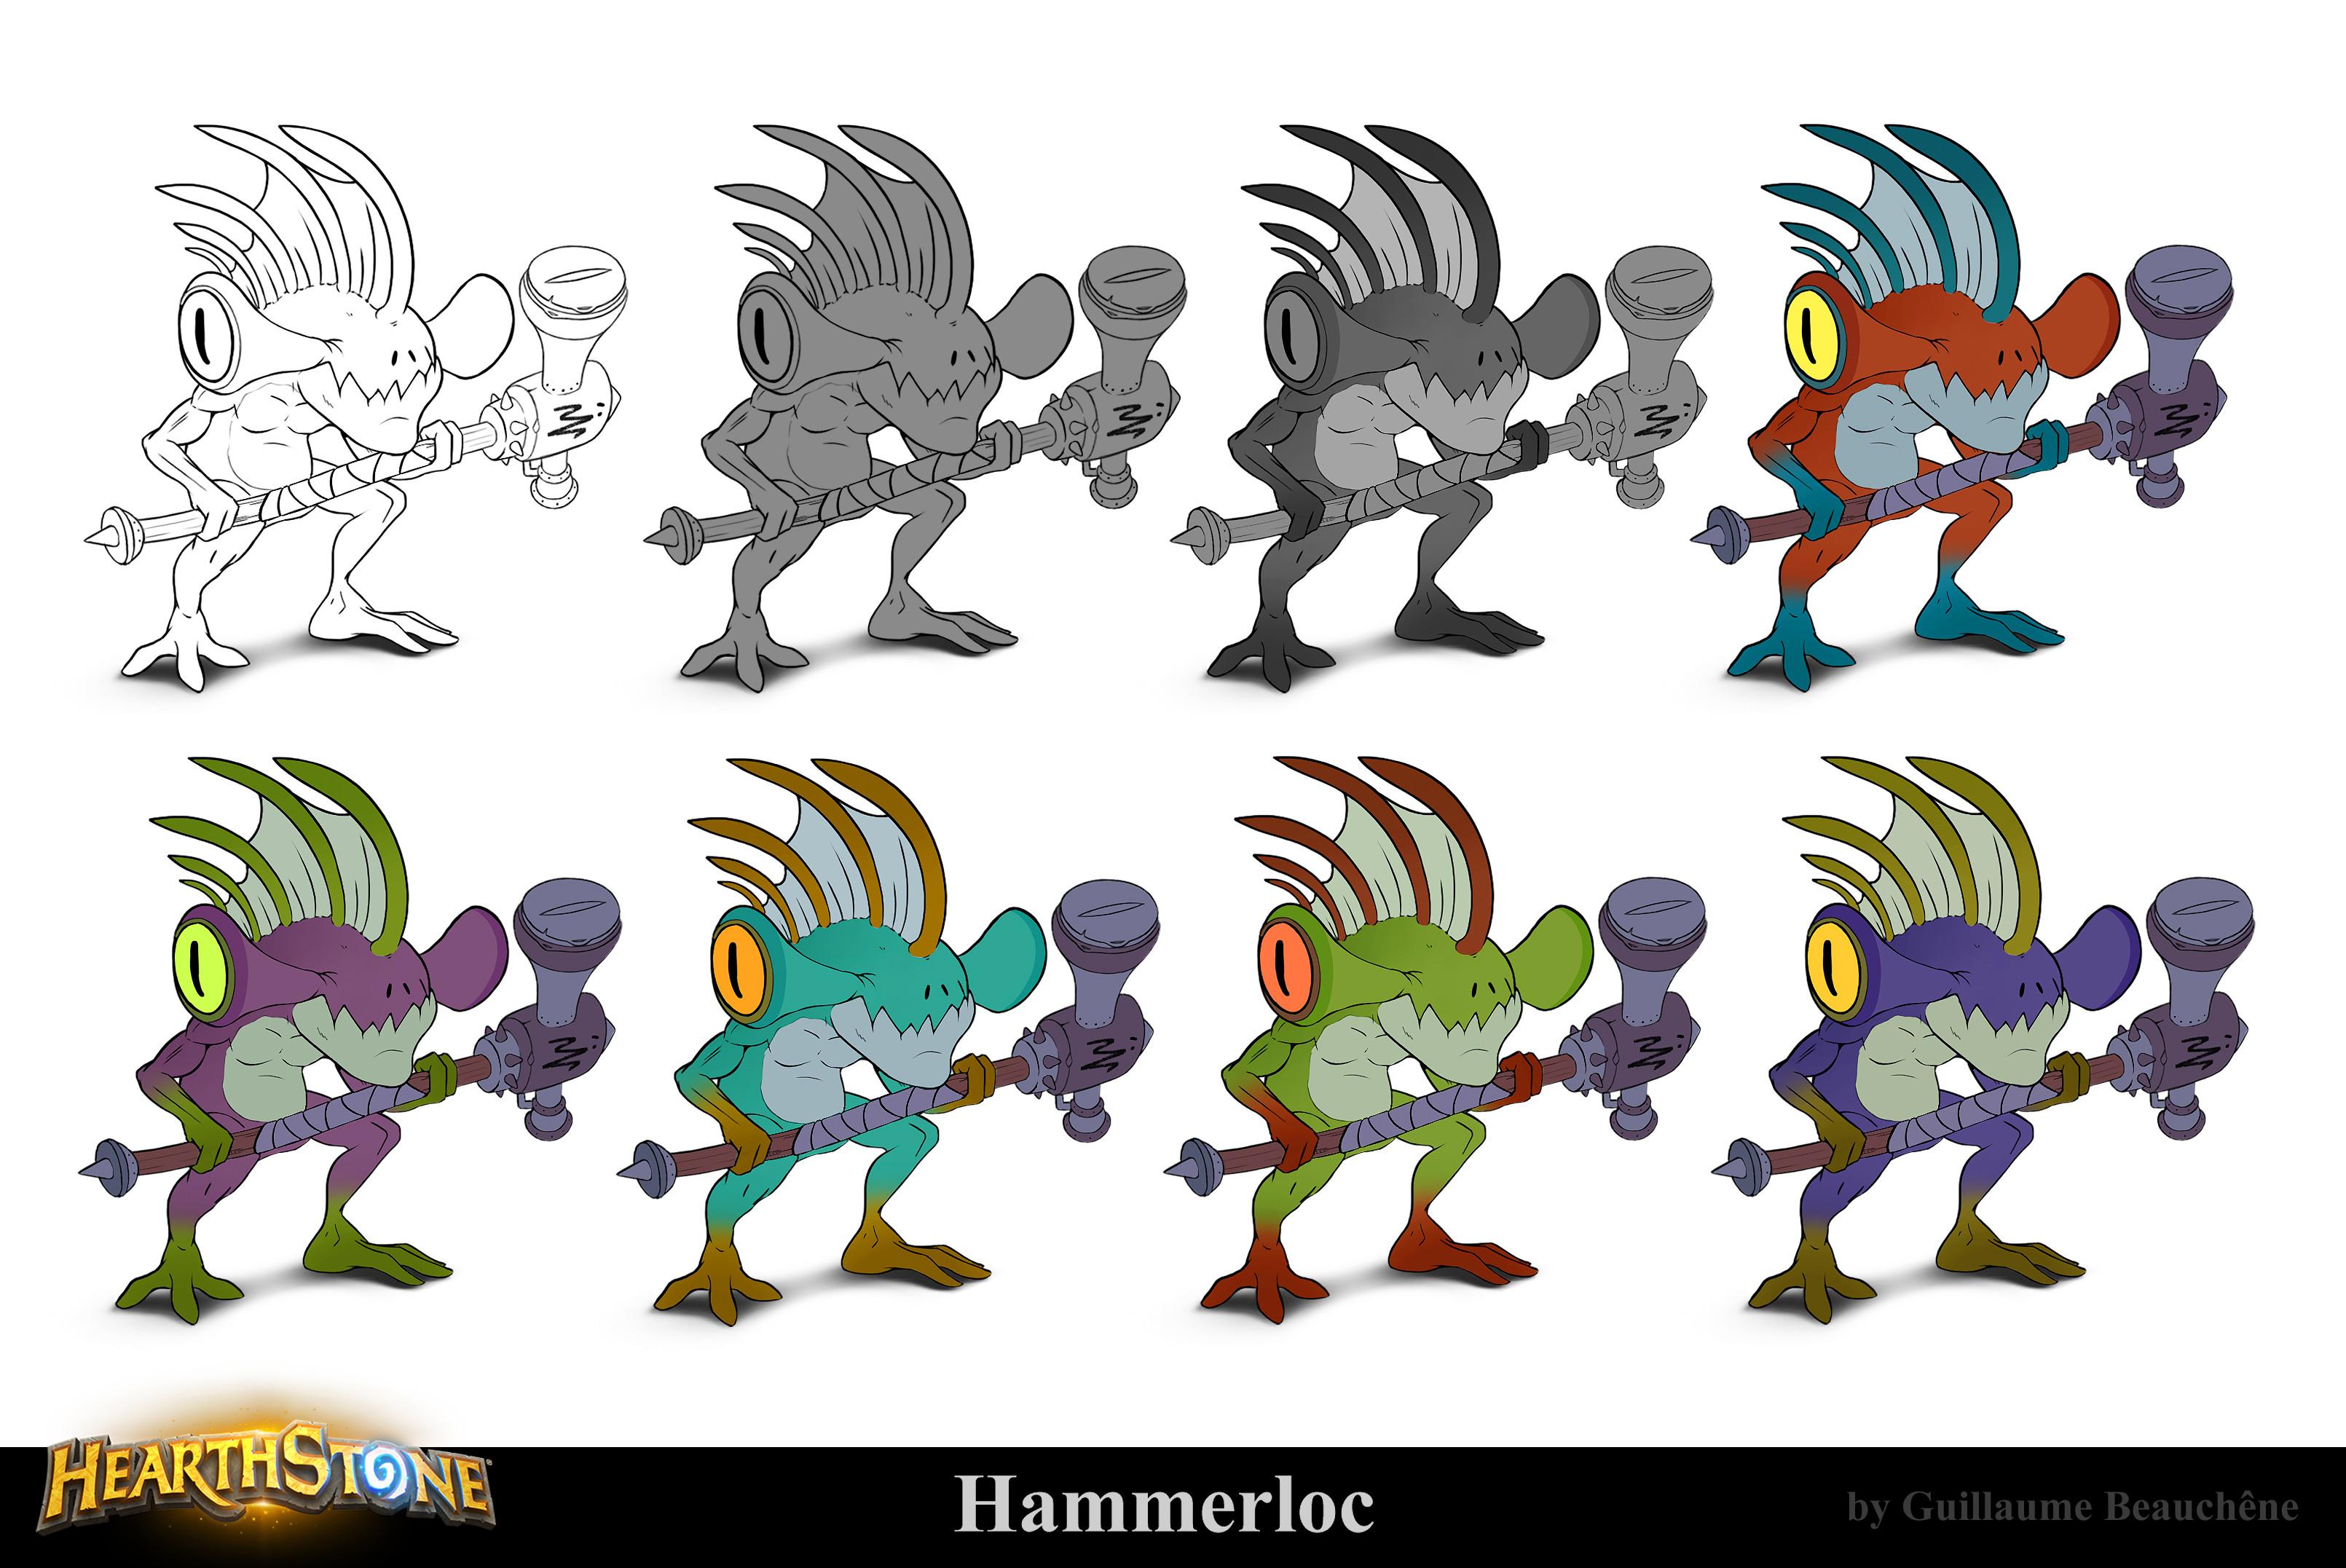 https://youre.outof.cards/media/uploads/fc/e2/fce22773-4045-4674-90b6-feb4a52ebdf3/guillaume-beauchene-5-hammerloc-color-test.jpg